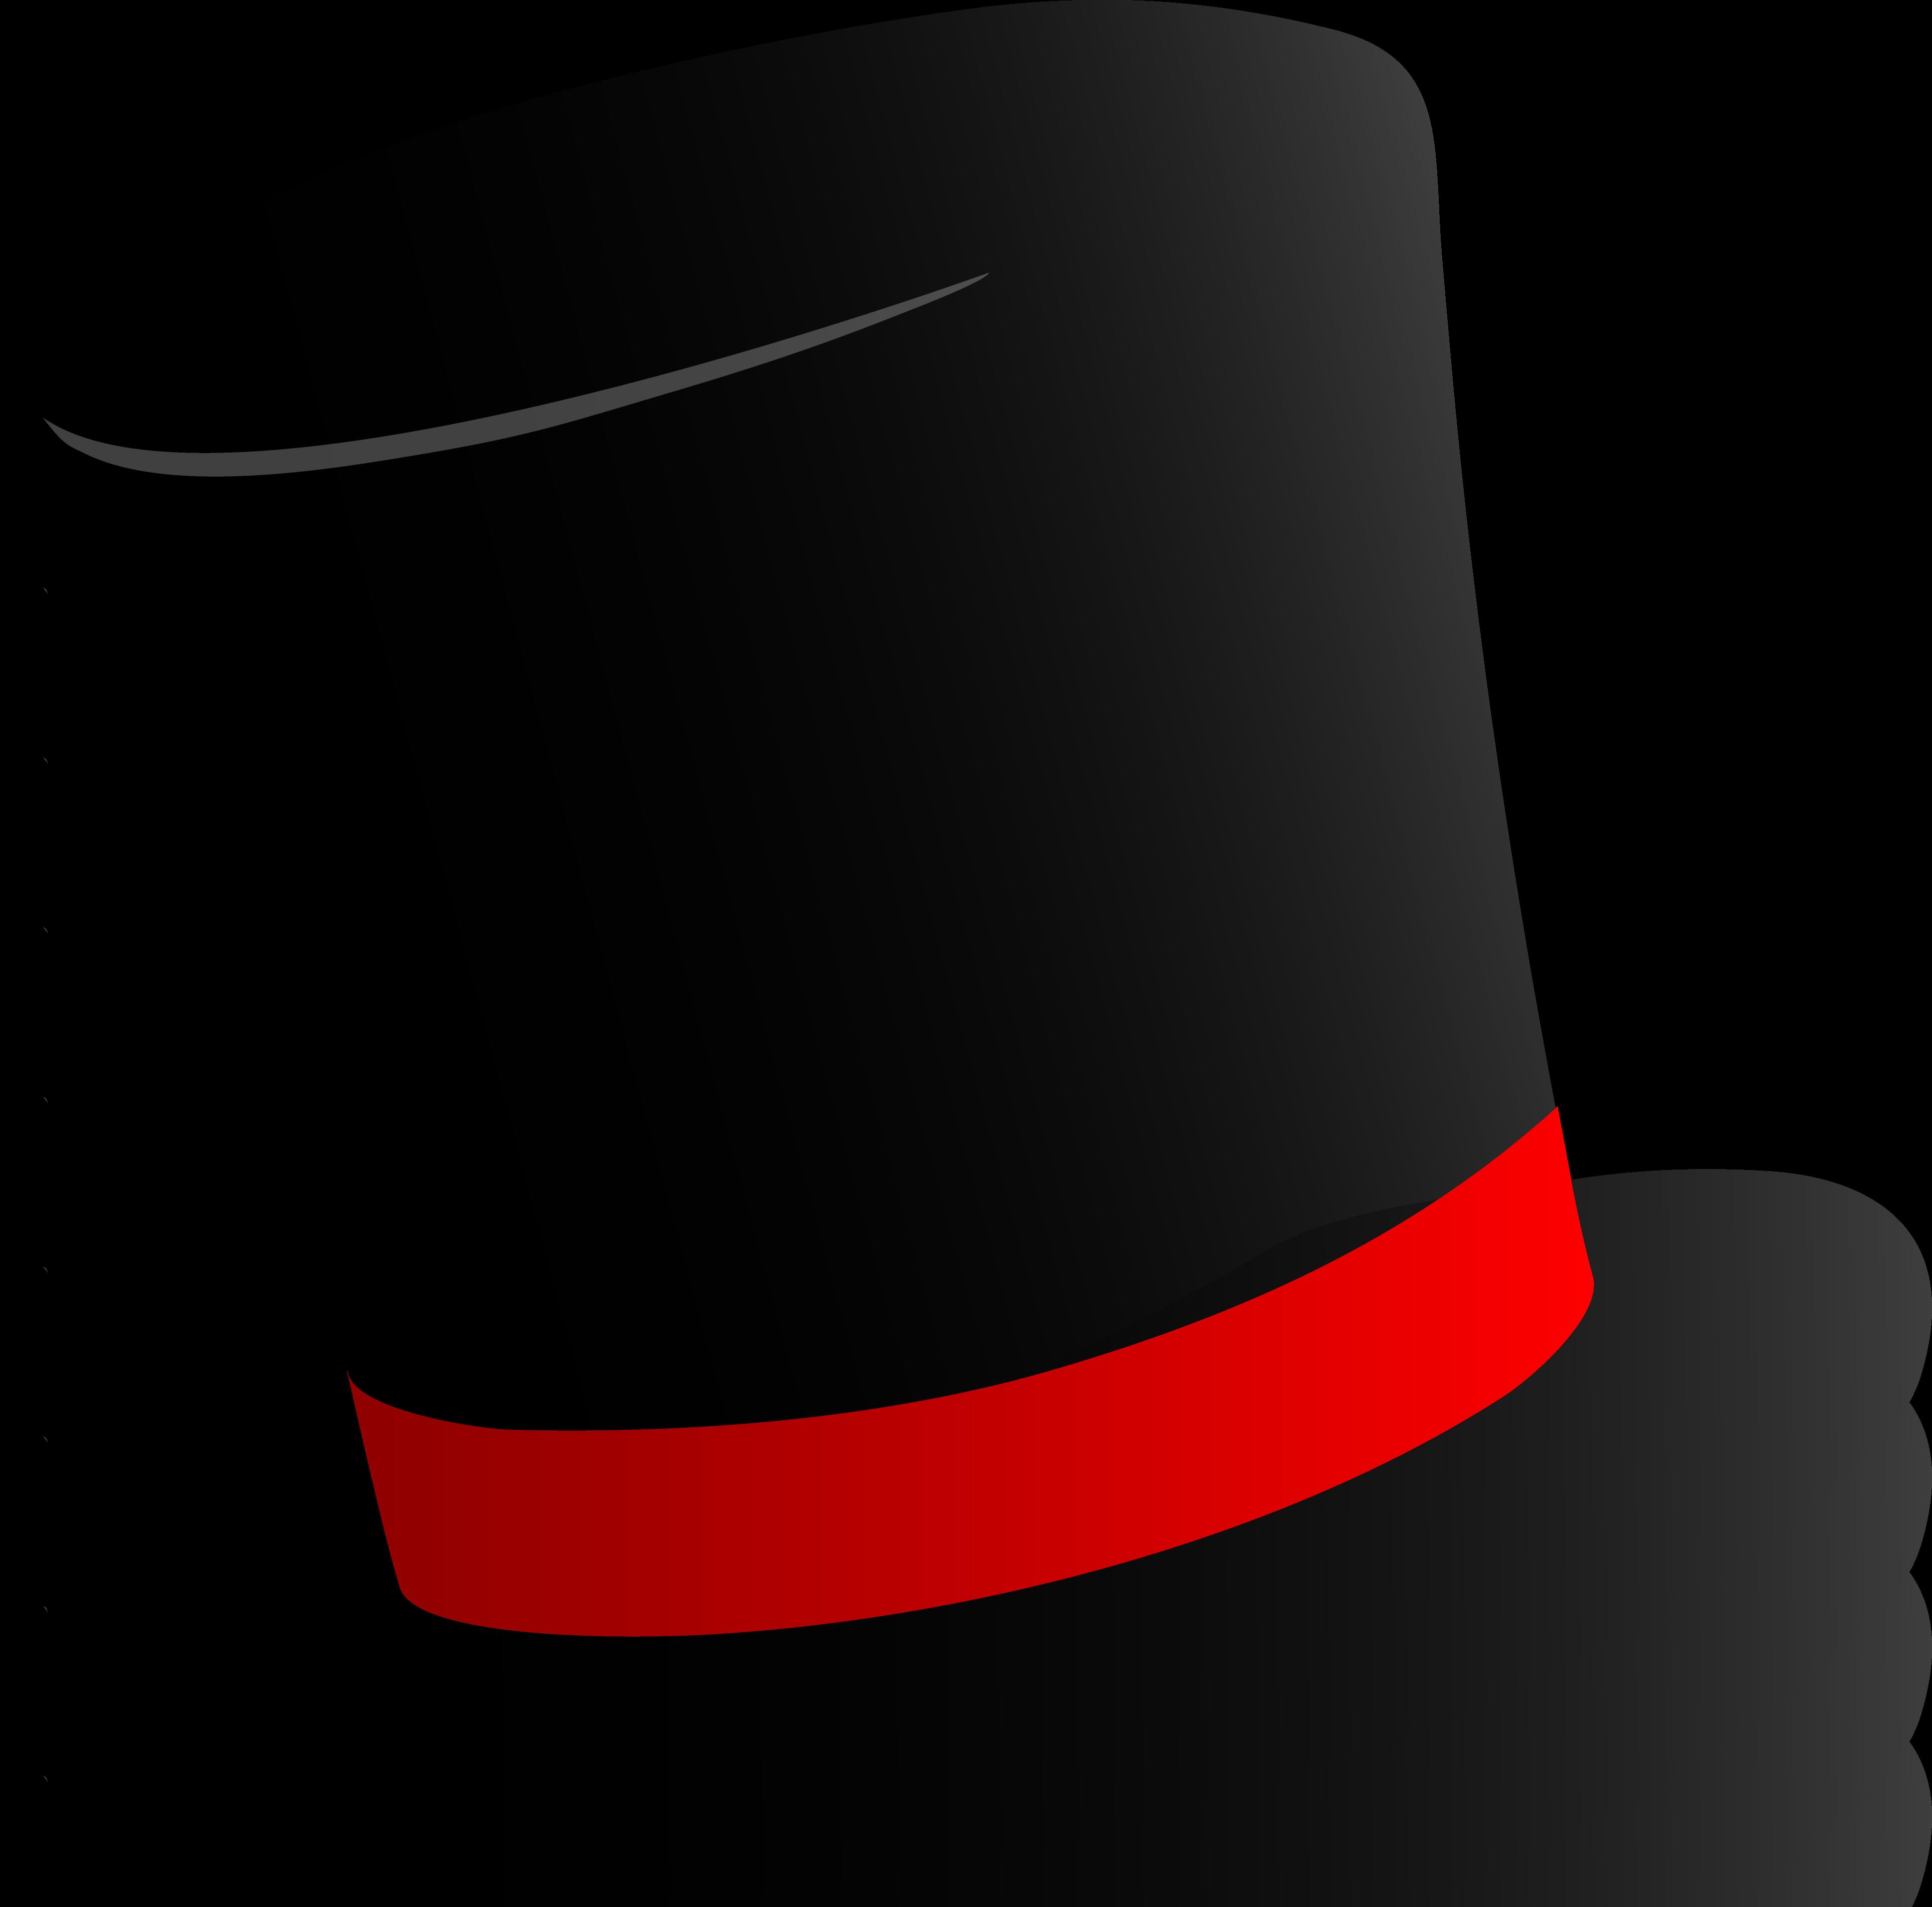 Hat Clipart-Clipartlook.com-3858